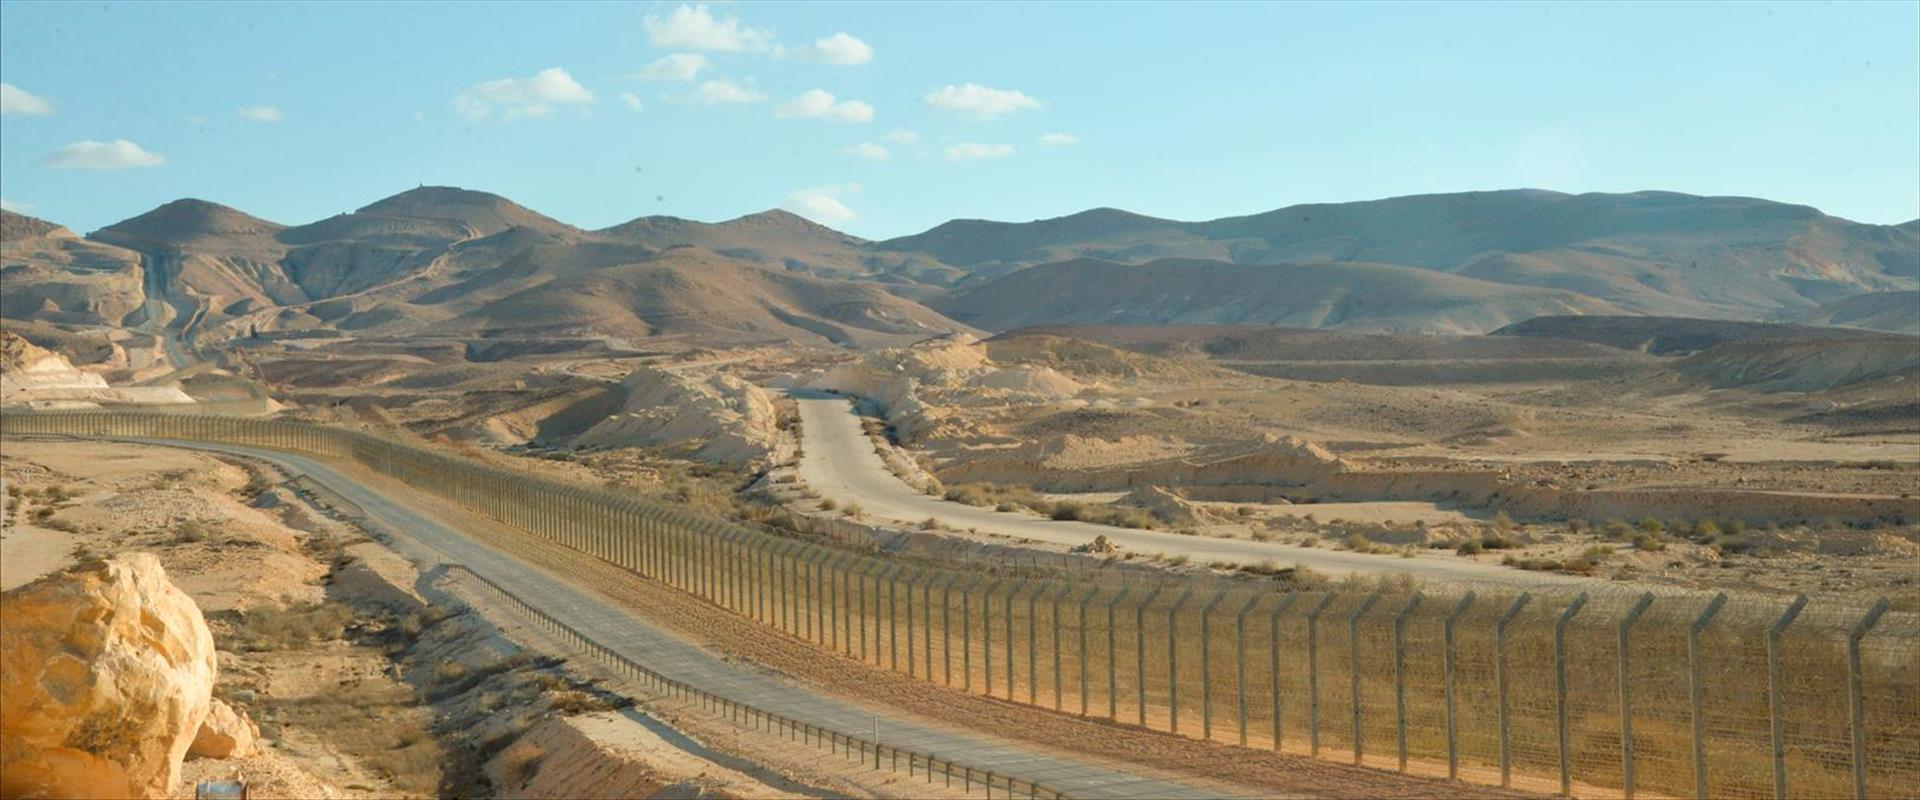 גבול ישראל-מצרים